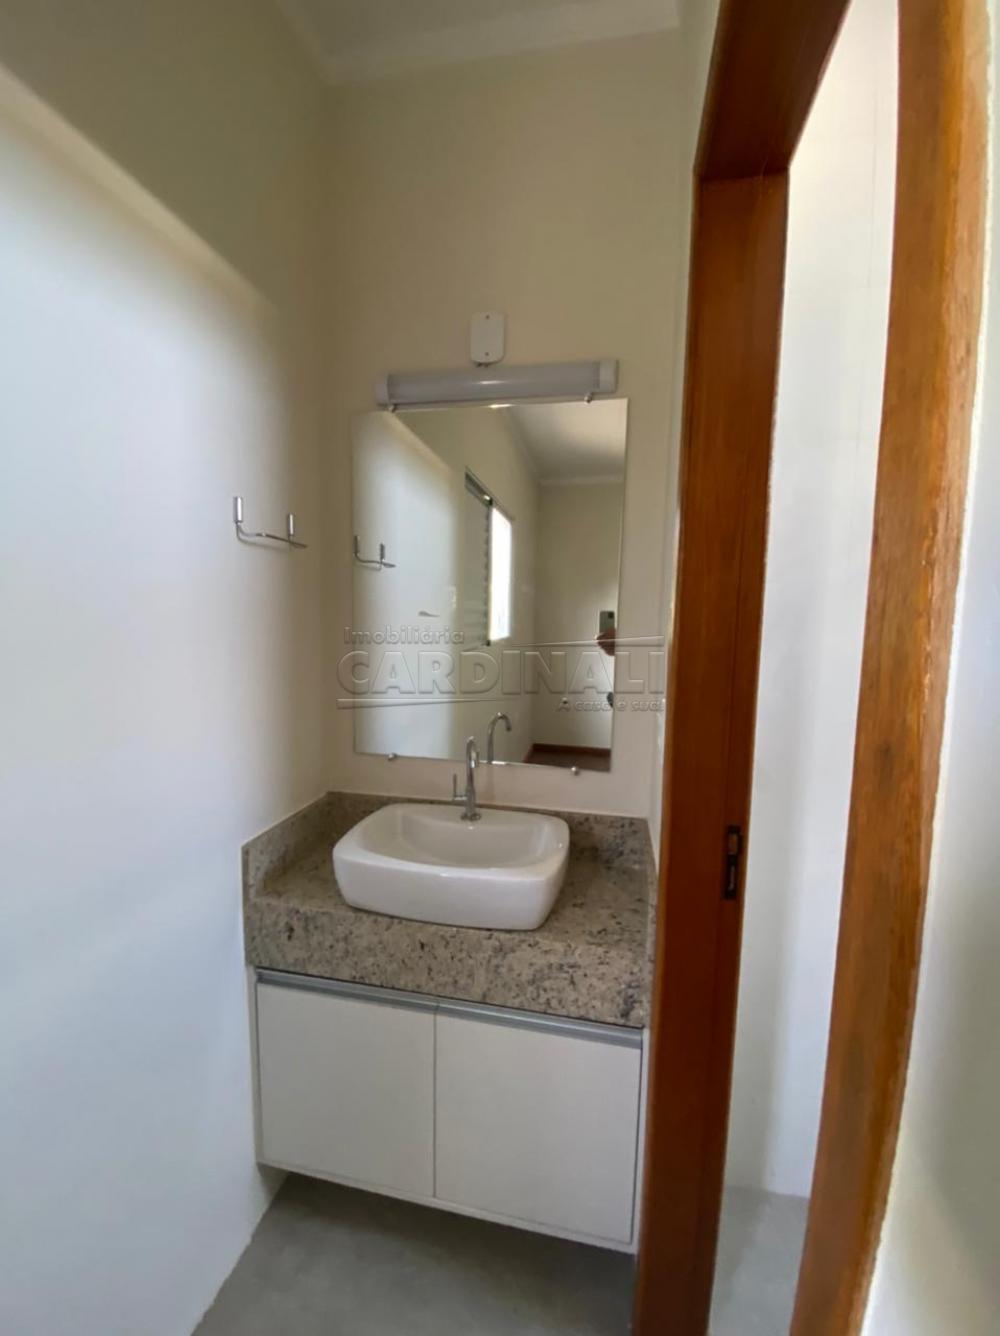 Alugar Casa / Padrão em São Carlos R$ 834,00 - Foto 5